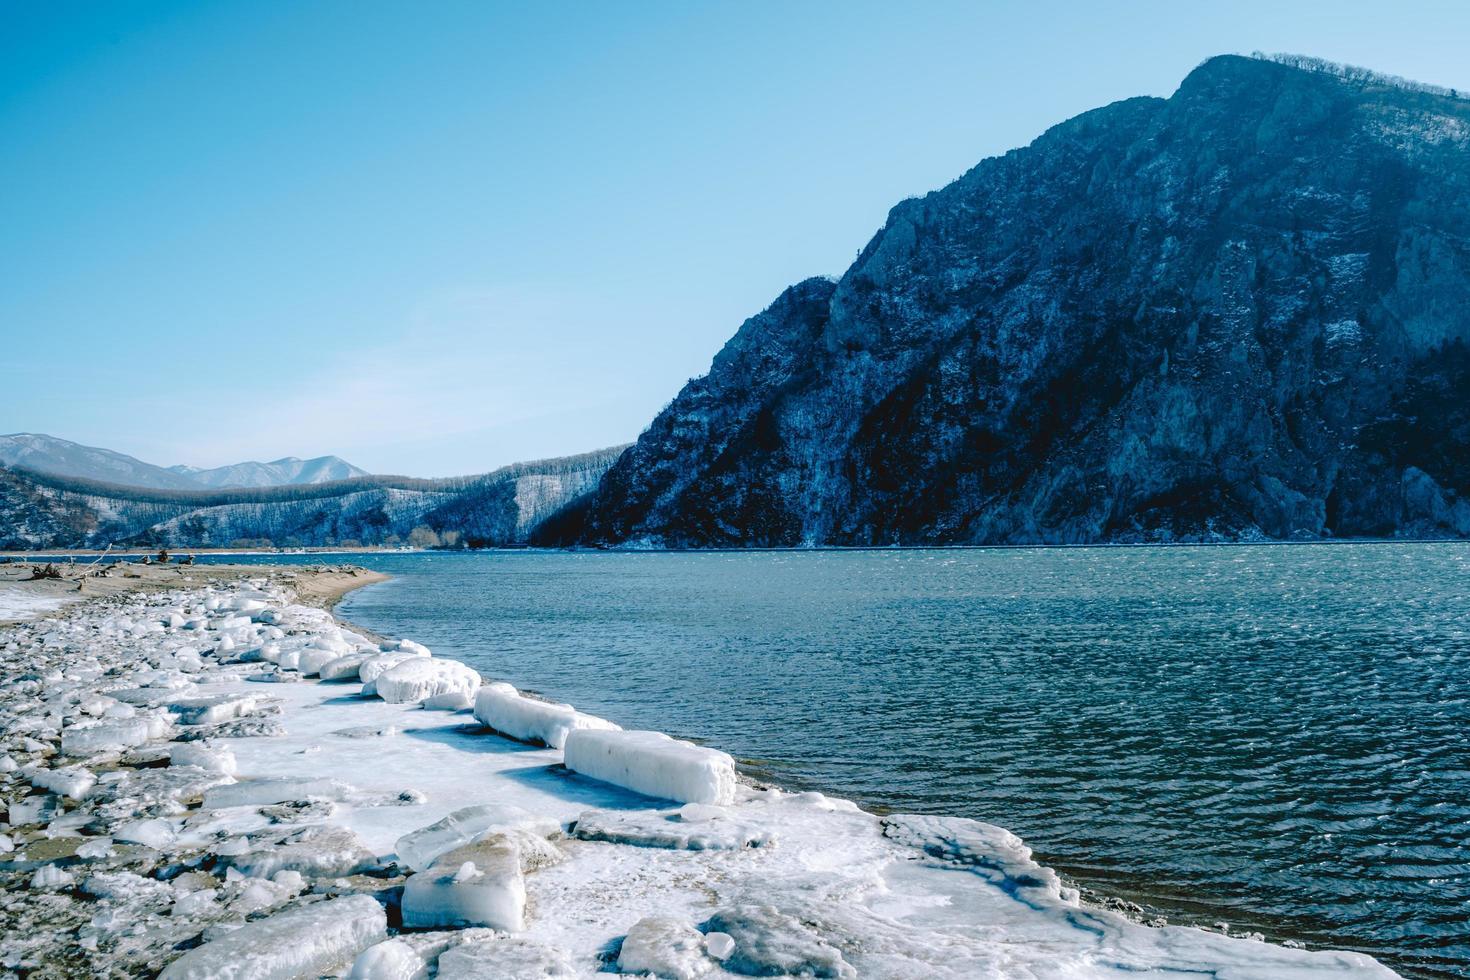 zeegezicht met uitzicht op de zusterheuvel. nakhodka, Rusland foto